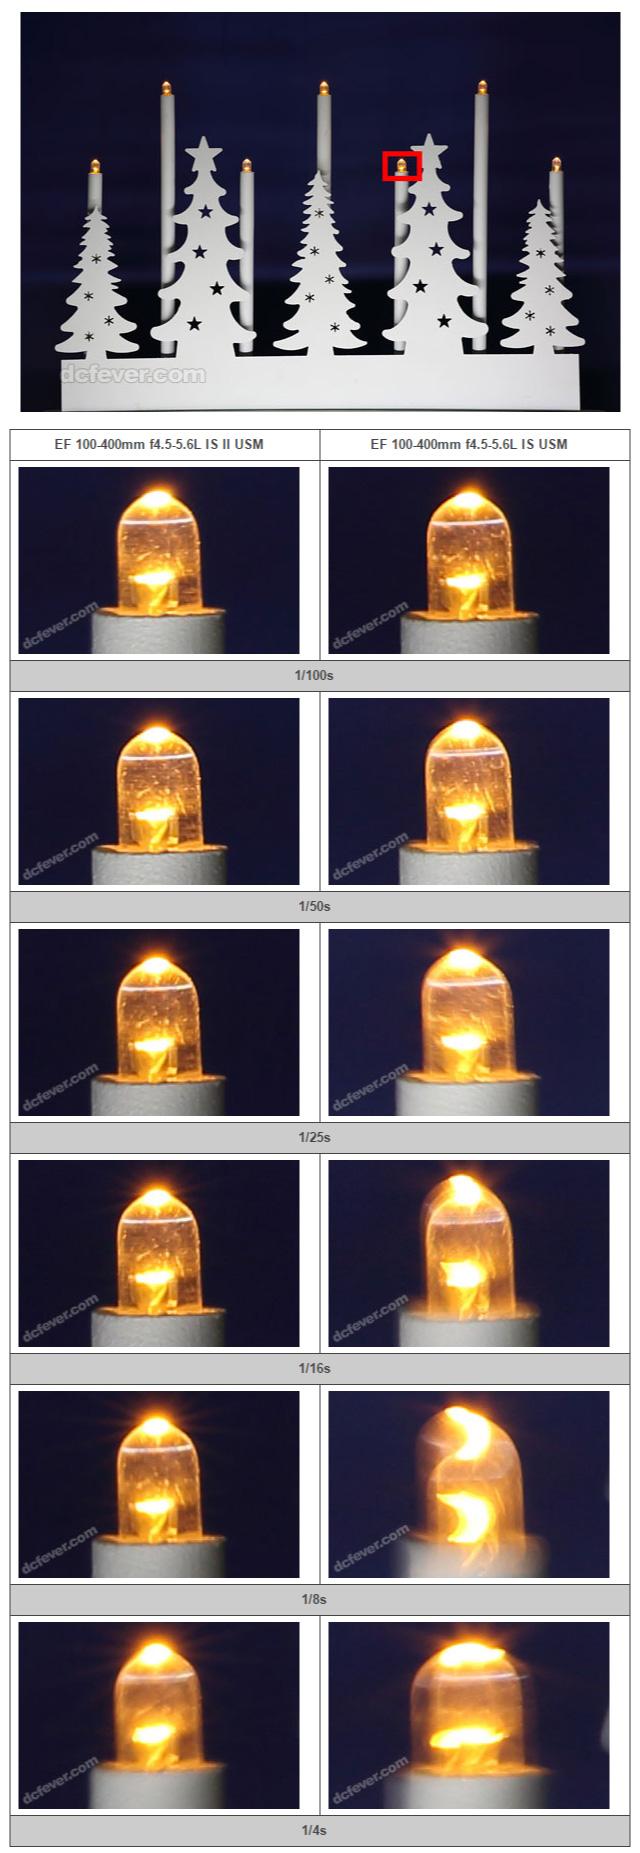 キヤノン EF100-400mm F4.5-5.6L IS II USM  vs EF100-400mm F4.5-5.6L IS USM!新旧望遠ズームLレンズ対決